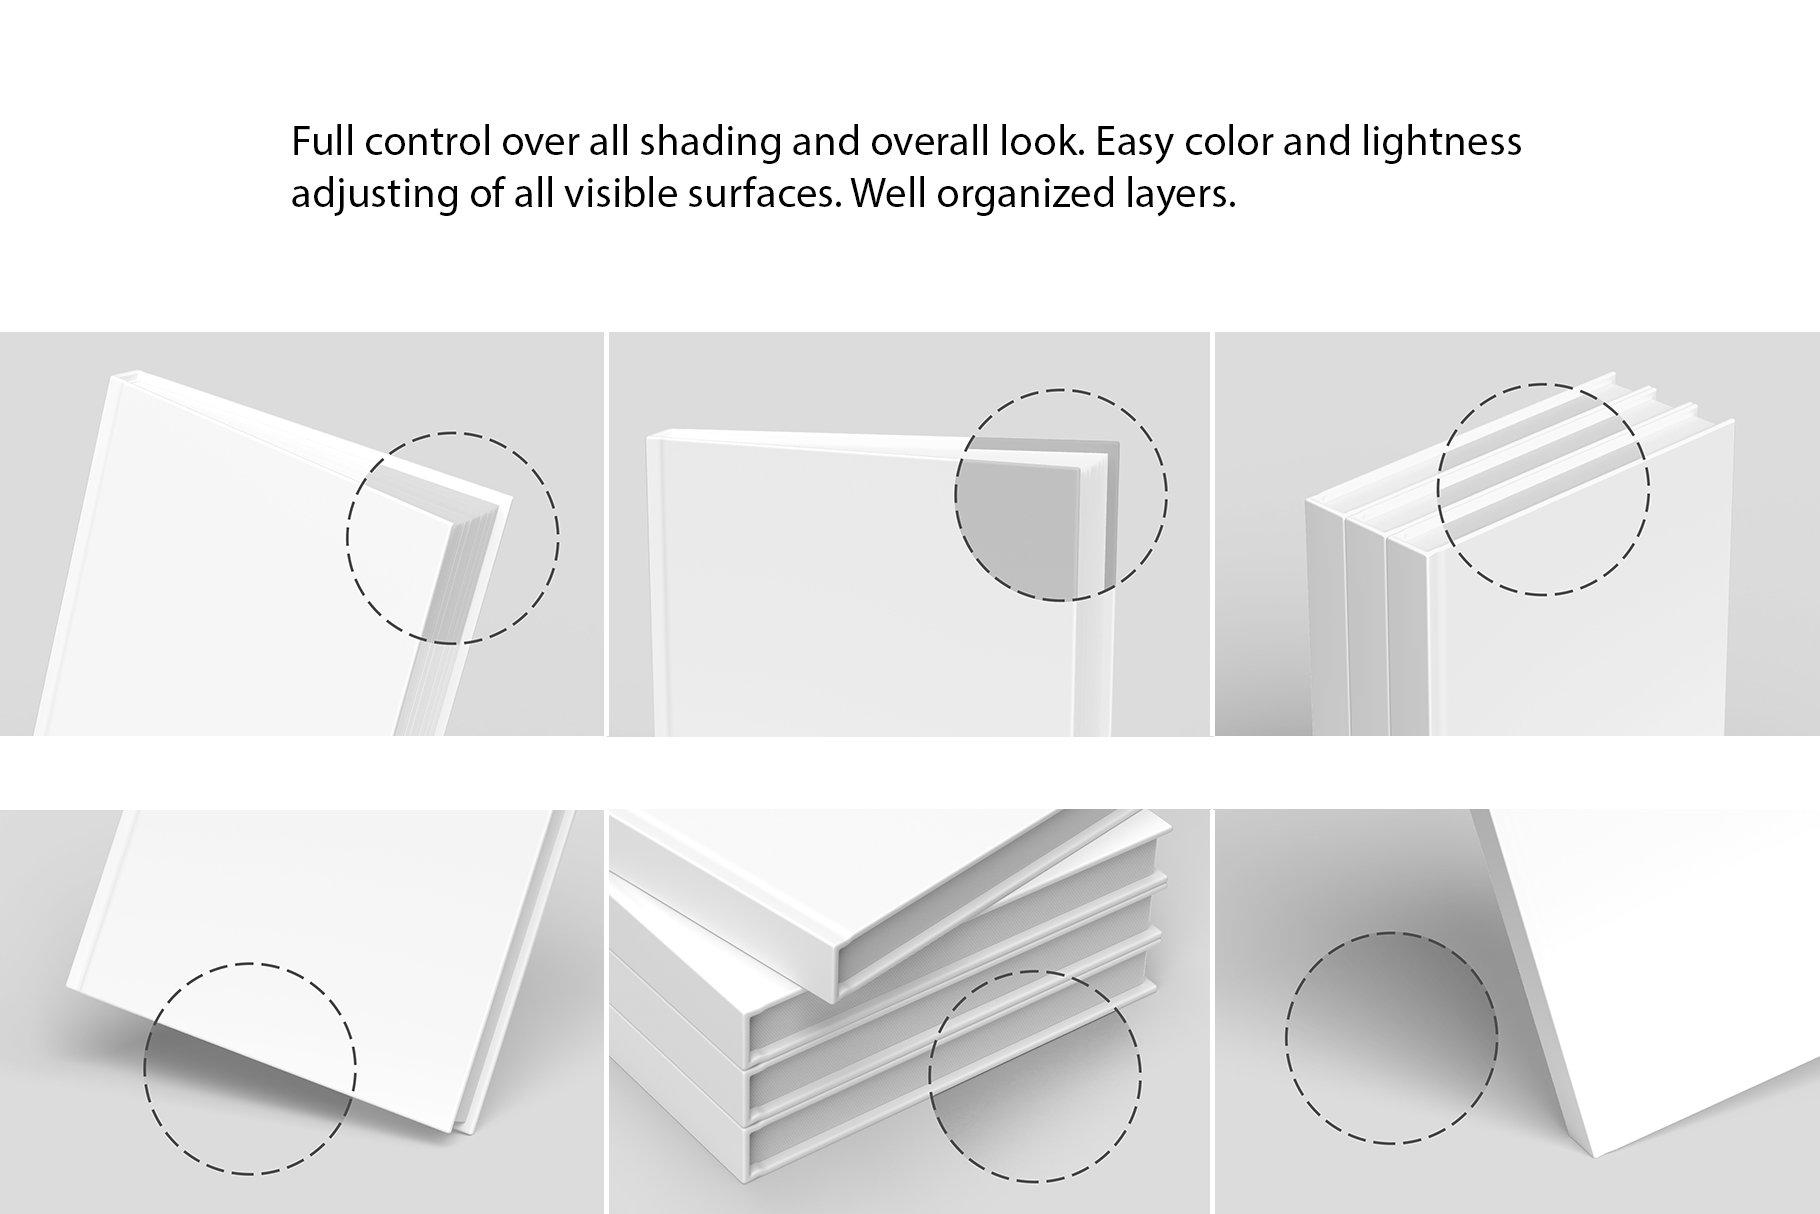 精装书硬皮书画册设计展示贴图样机 Hardcover Book Mockup插图7